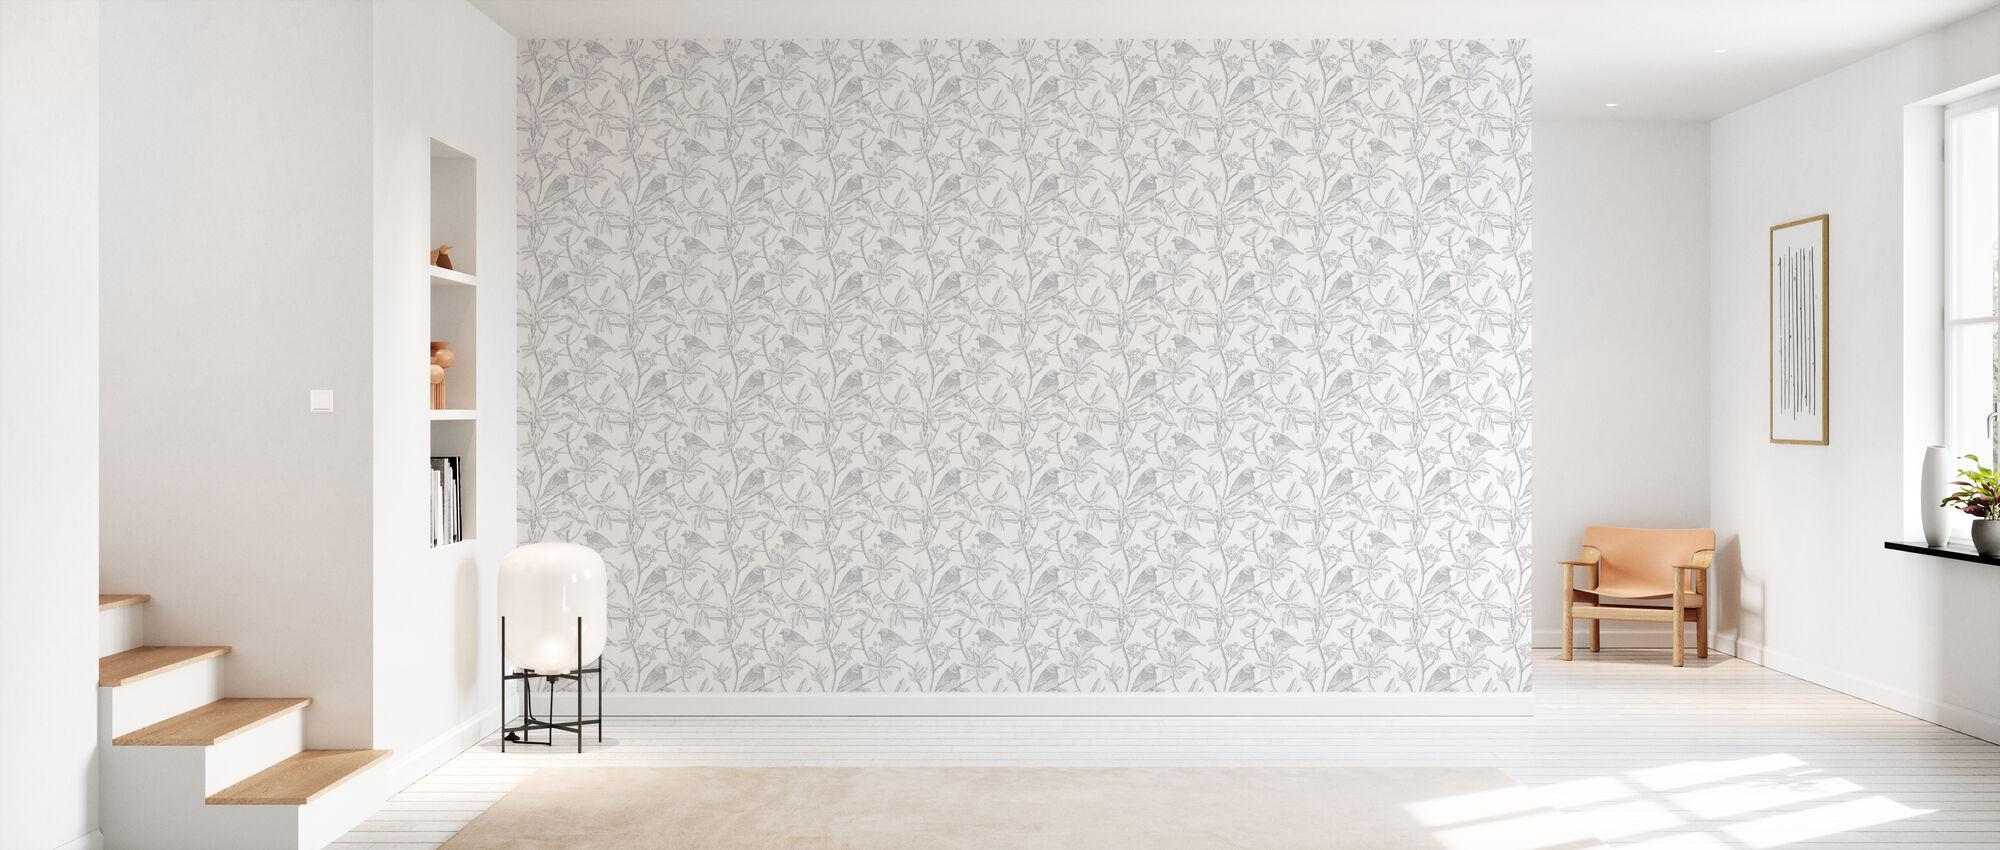 Finch - White - Wallpaper - Hallway